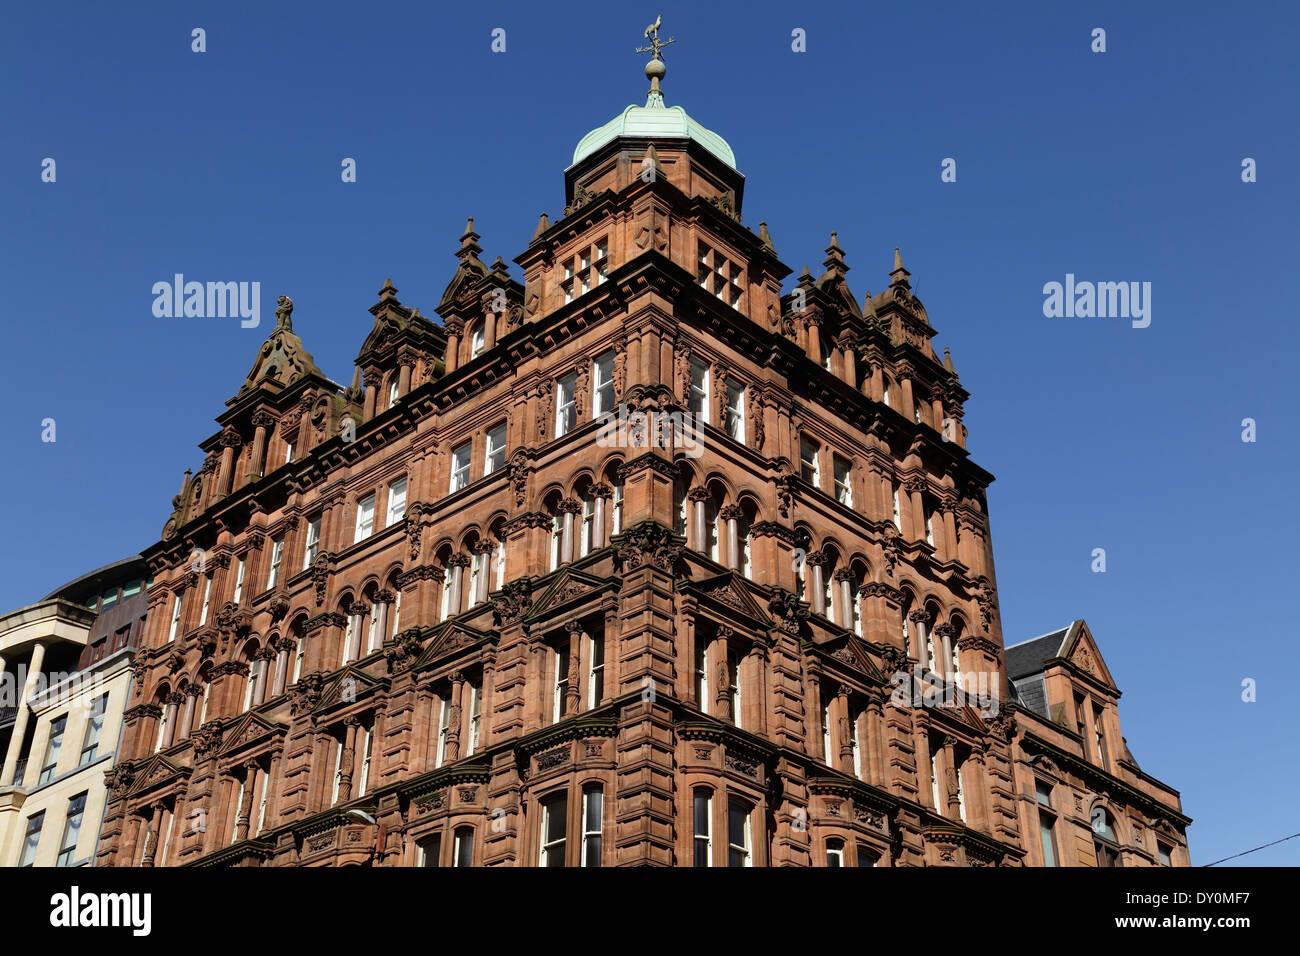 Le grès rouge Connal immeuble sur la jonction de West George Street et Dundas Street dans le centre-ville de Glasgow, Écosse, Royaume-Uni Photo Stock